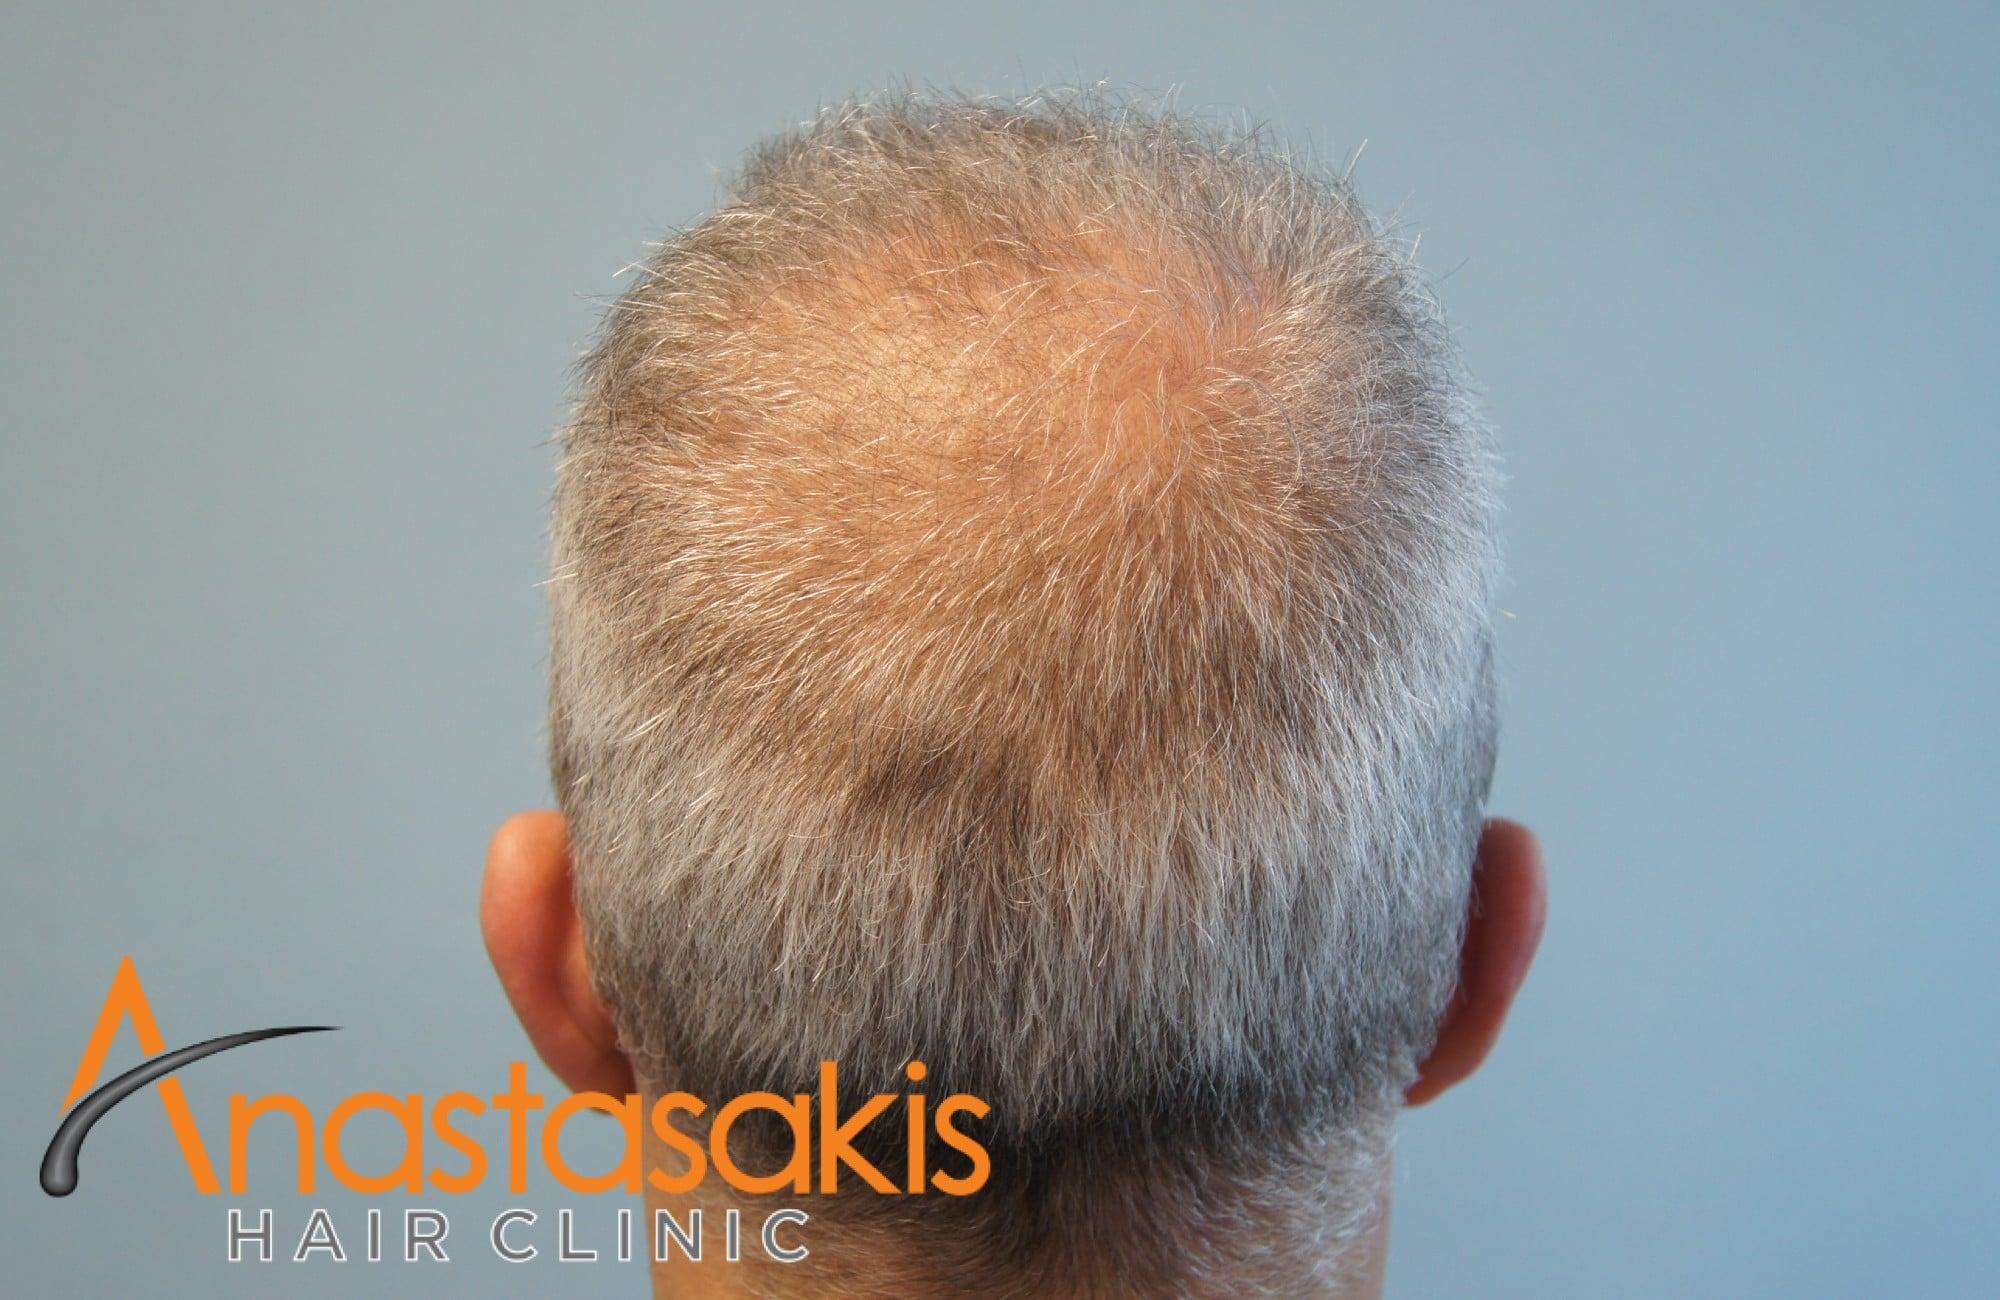 γκριζομάλης άνδρας πριν τη μεταμόσχευση μαλλιών με f.u.e. δοτρια